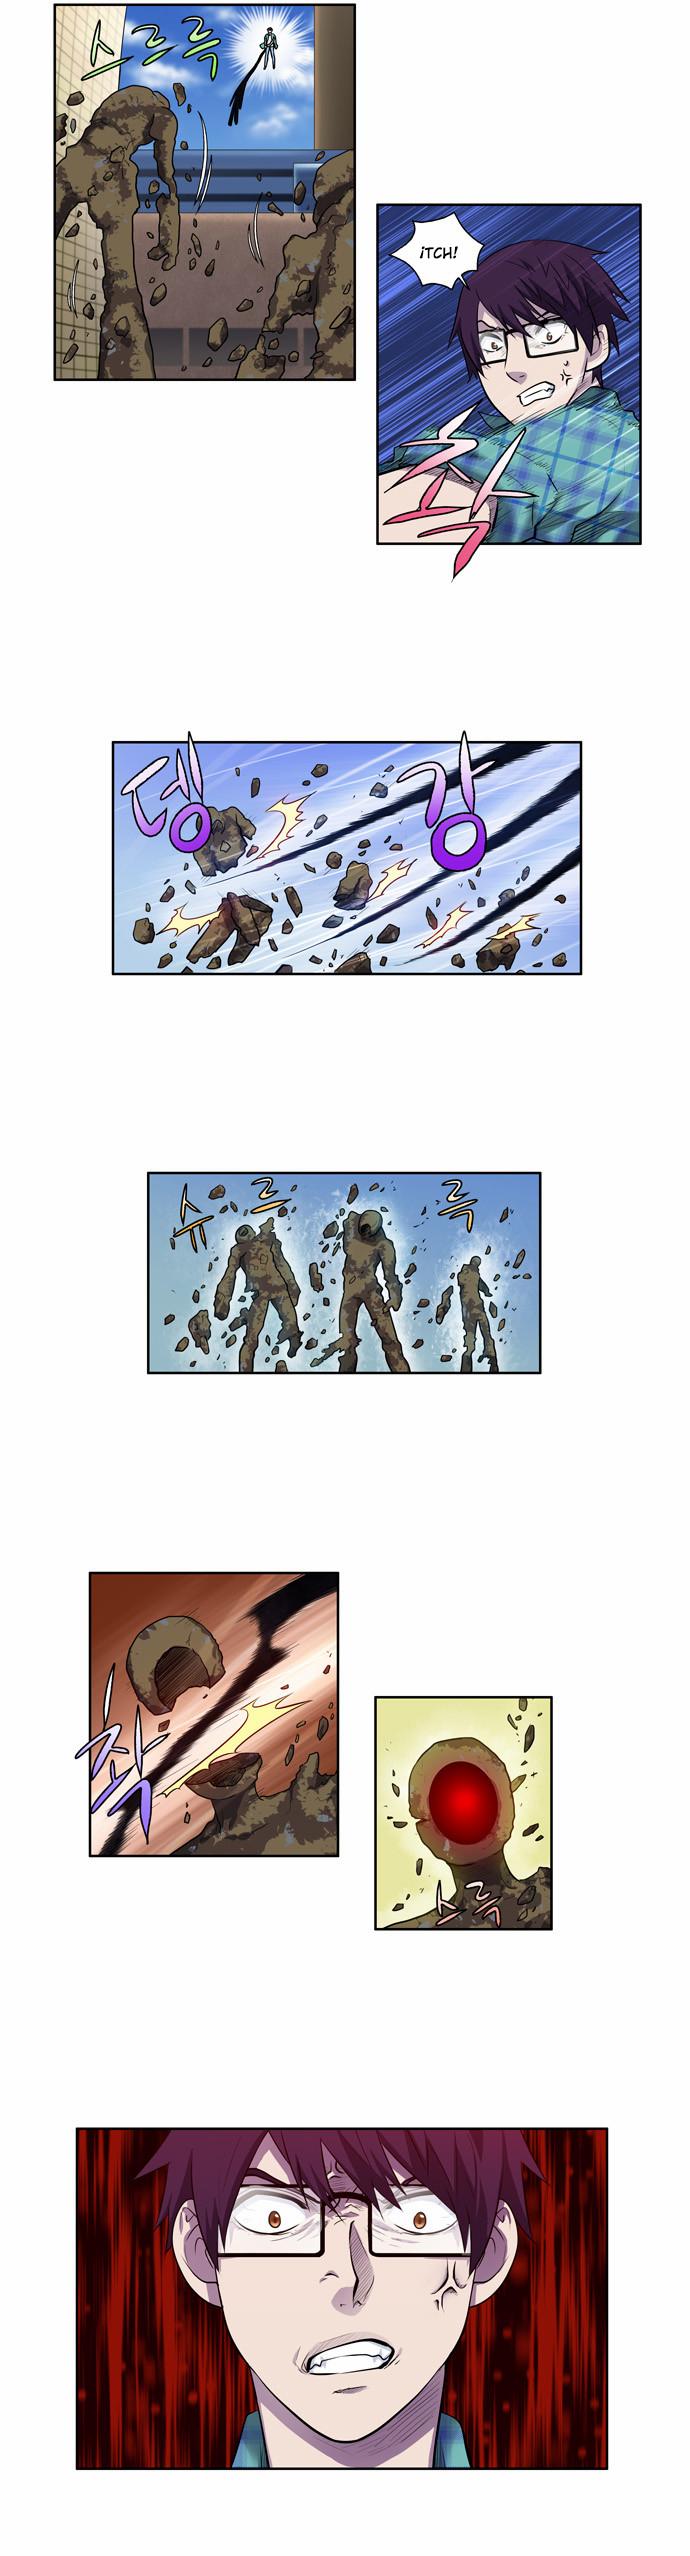 http://c5.ninemanga.com/es_manga/61/1725/439980/9358b44910198ad751961fc0a43c97a5.jpg Page 6